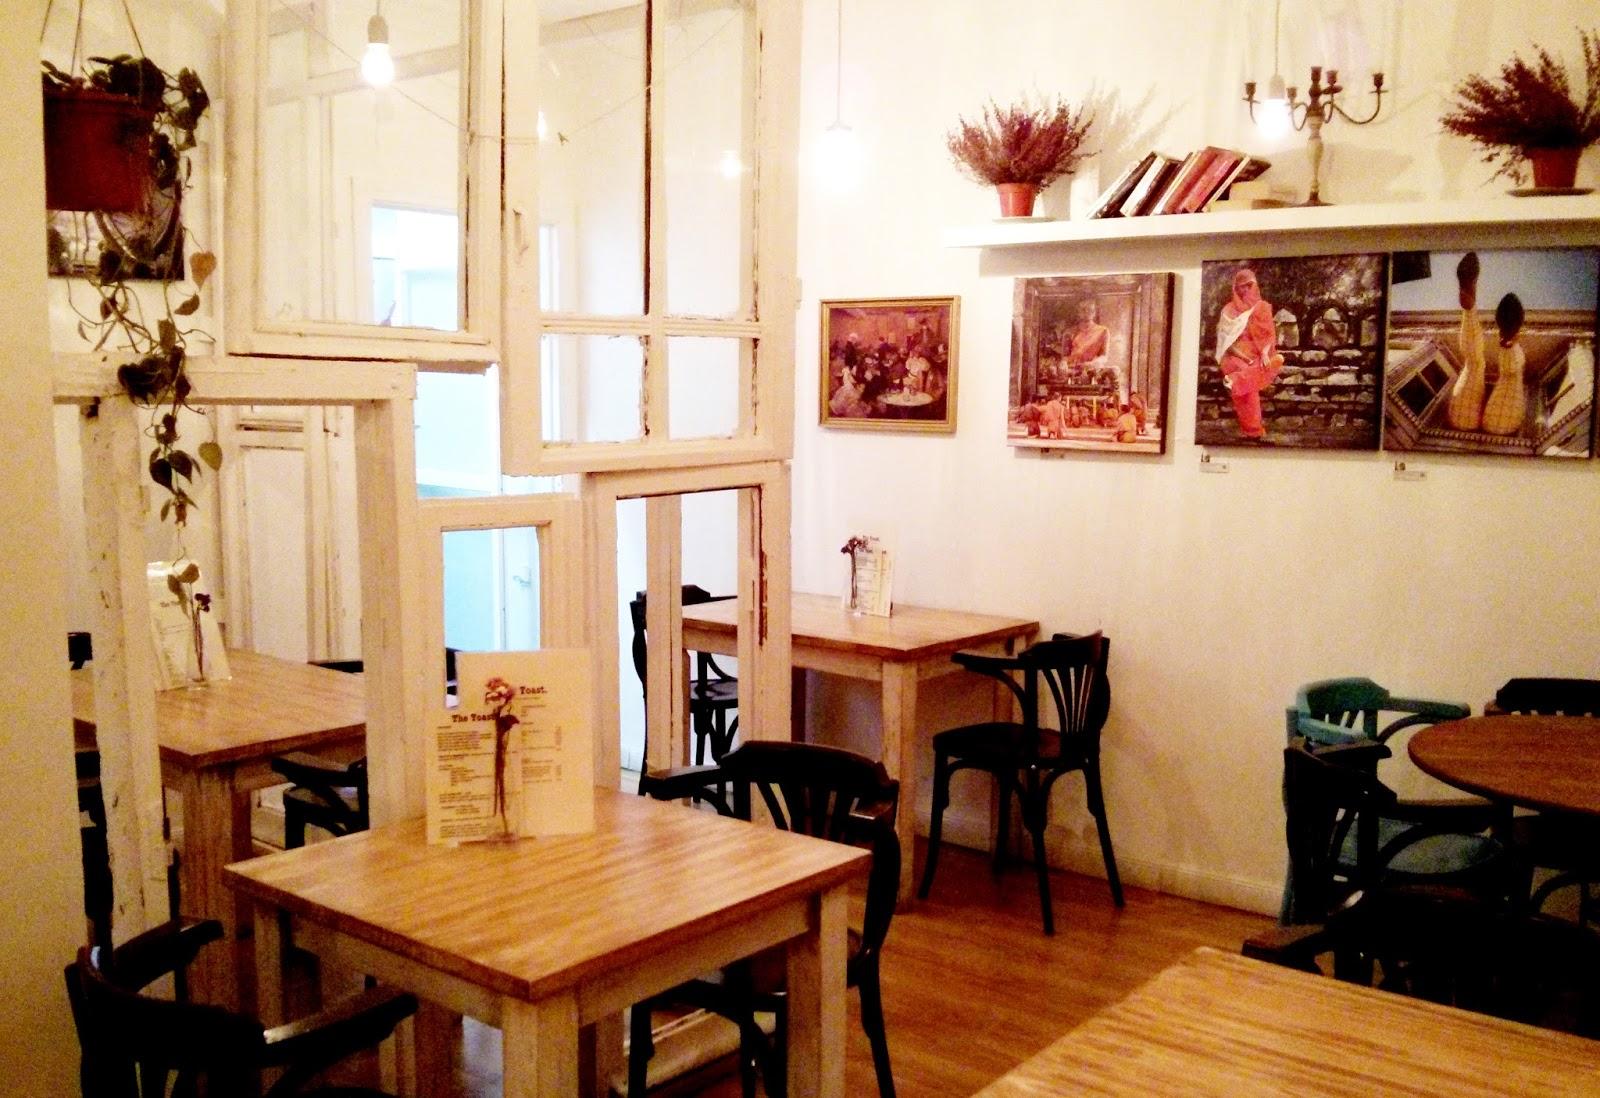 Restaurantes norteamericanos en madrid los mejores restaurantes y bares en la ciudad de madrid - Decorar un bar de tapas ...